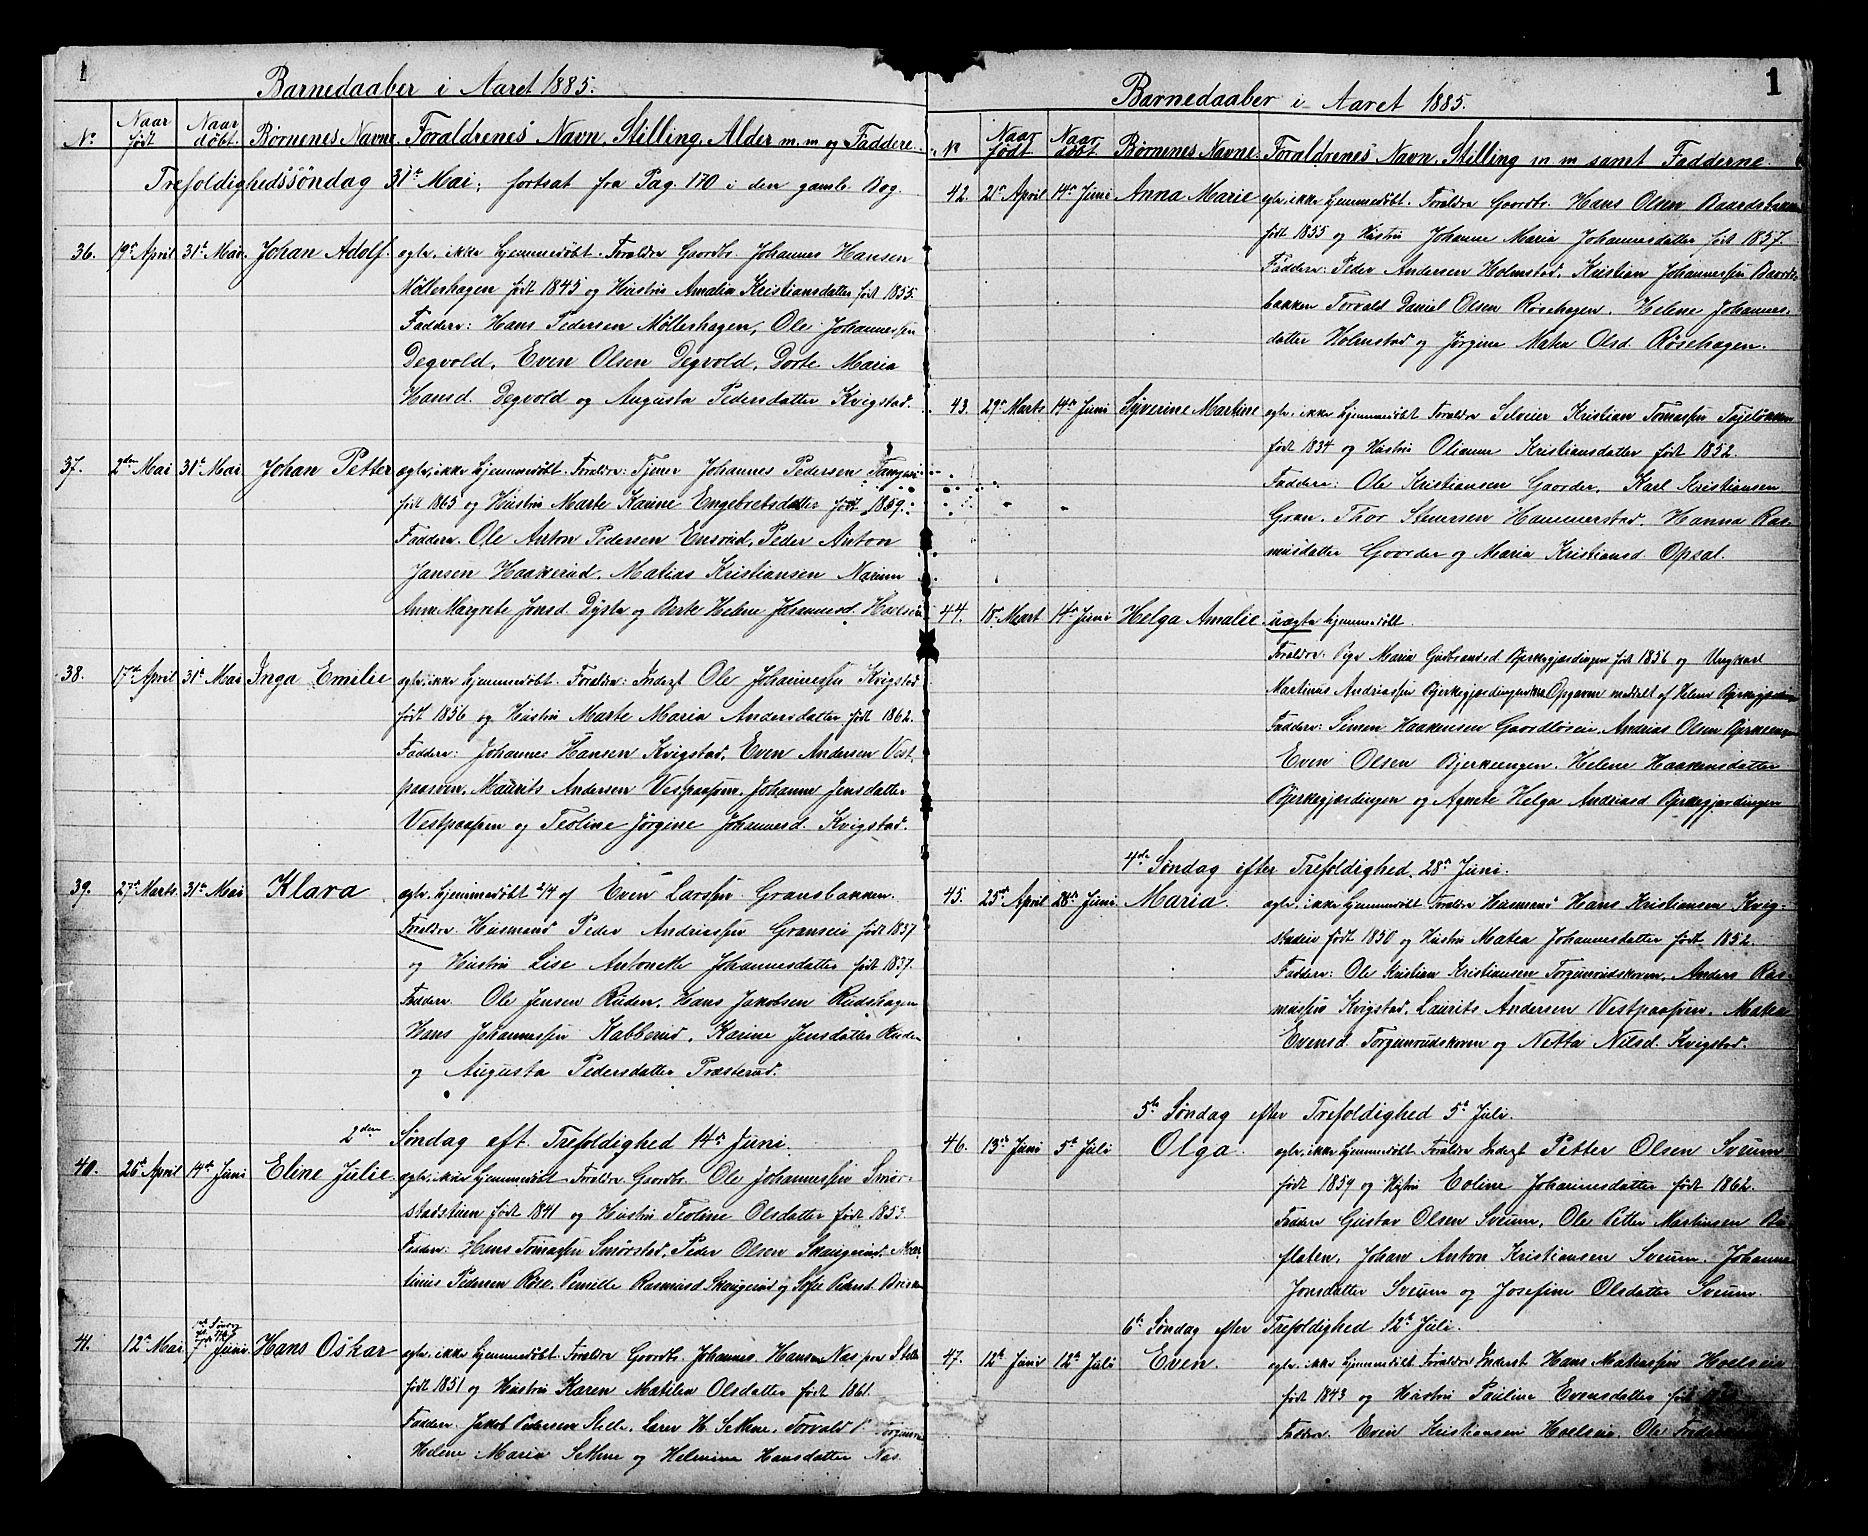 SAH, Vestre Toten prestekontor, H/Ha/Hab/L0008: Klokkerbok nr. 8, 1885-1900, s. 1